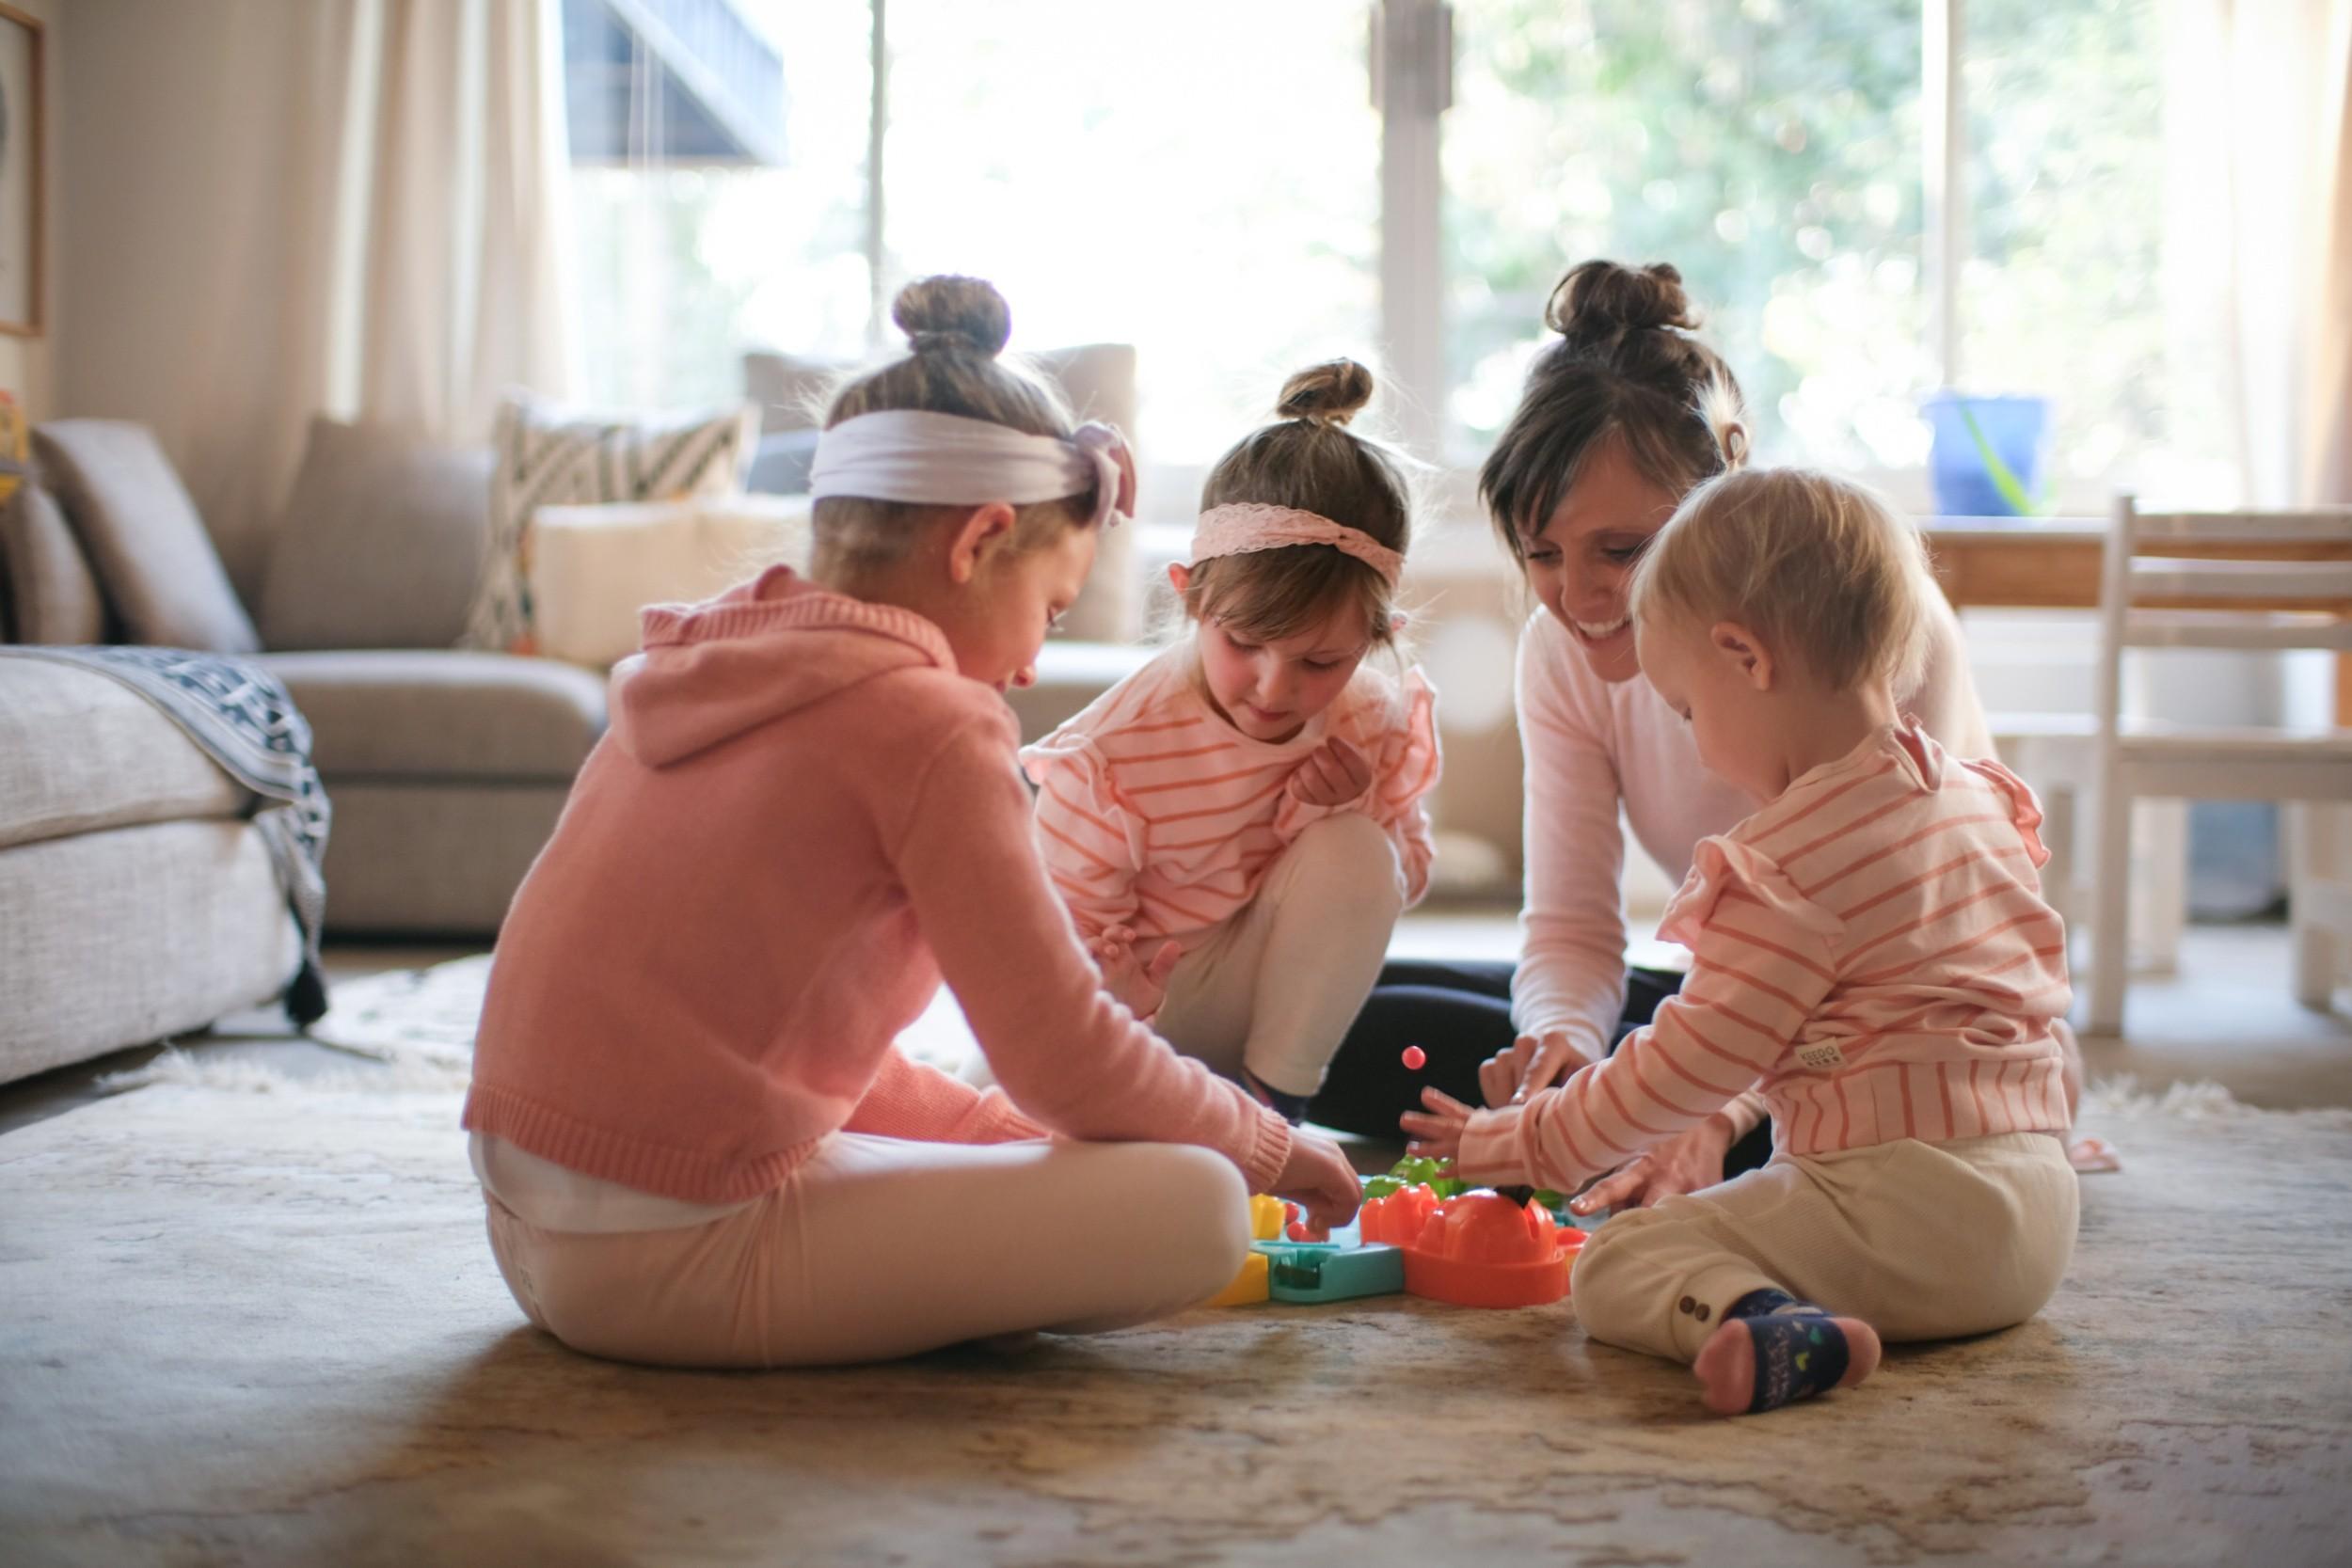 Mãe interage com as crianças ao brincar na sala de casa